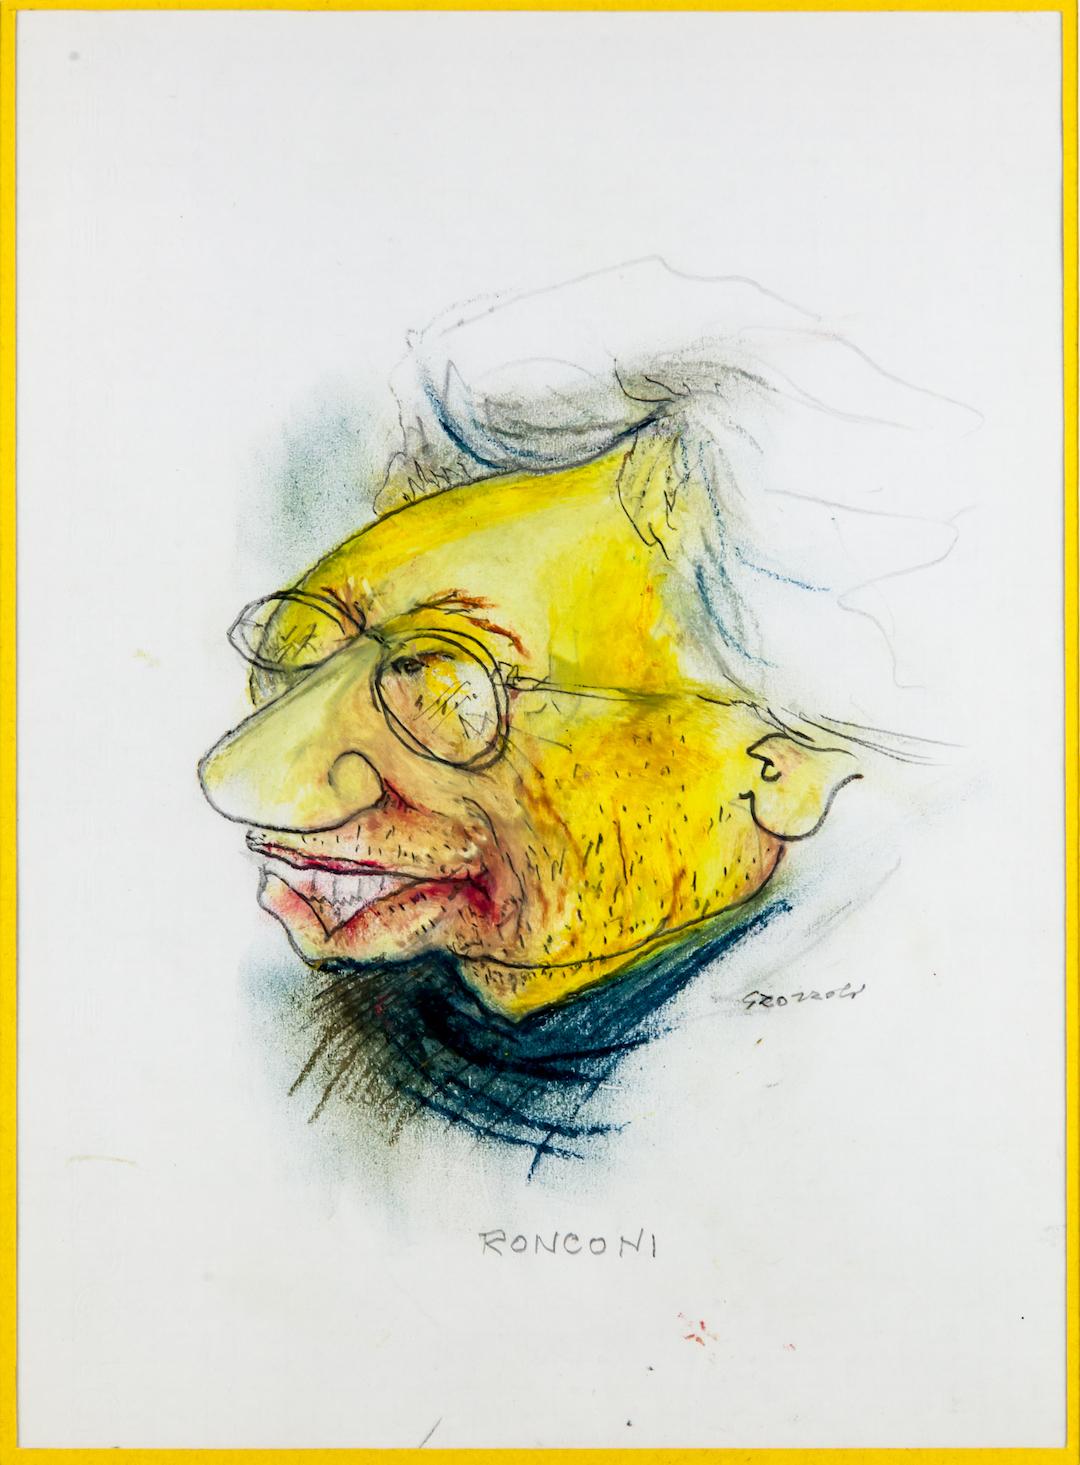 Luca Ronconi, caricatura